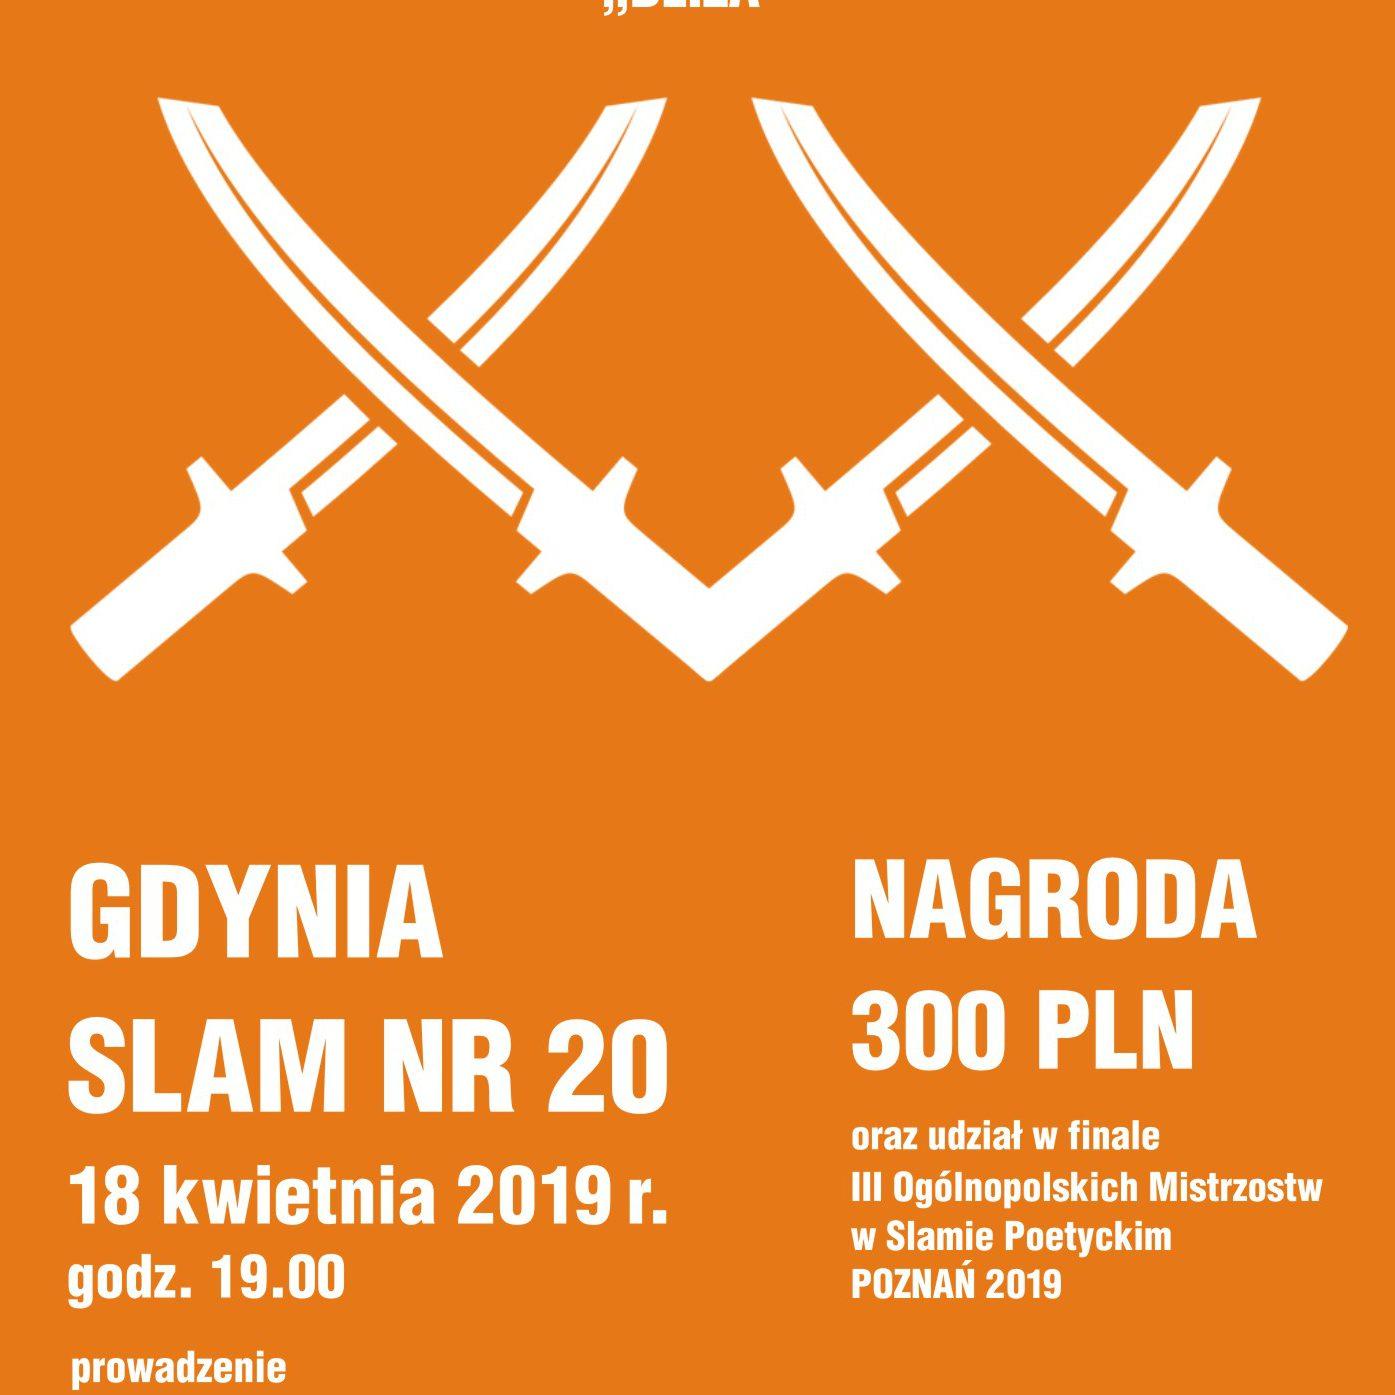 Gdynia Slam nr 20